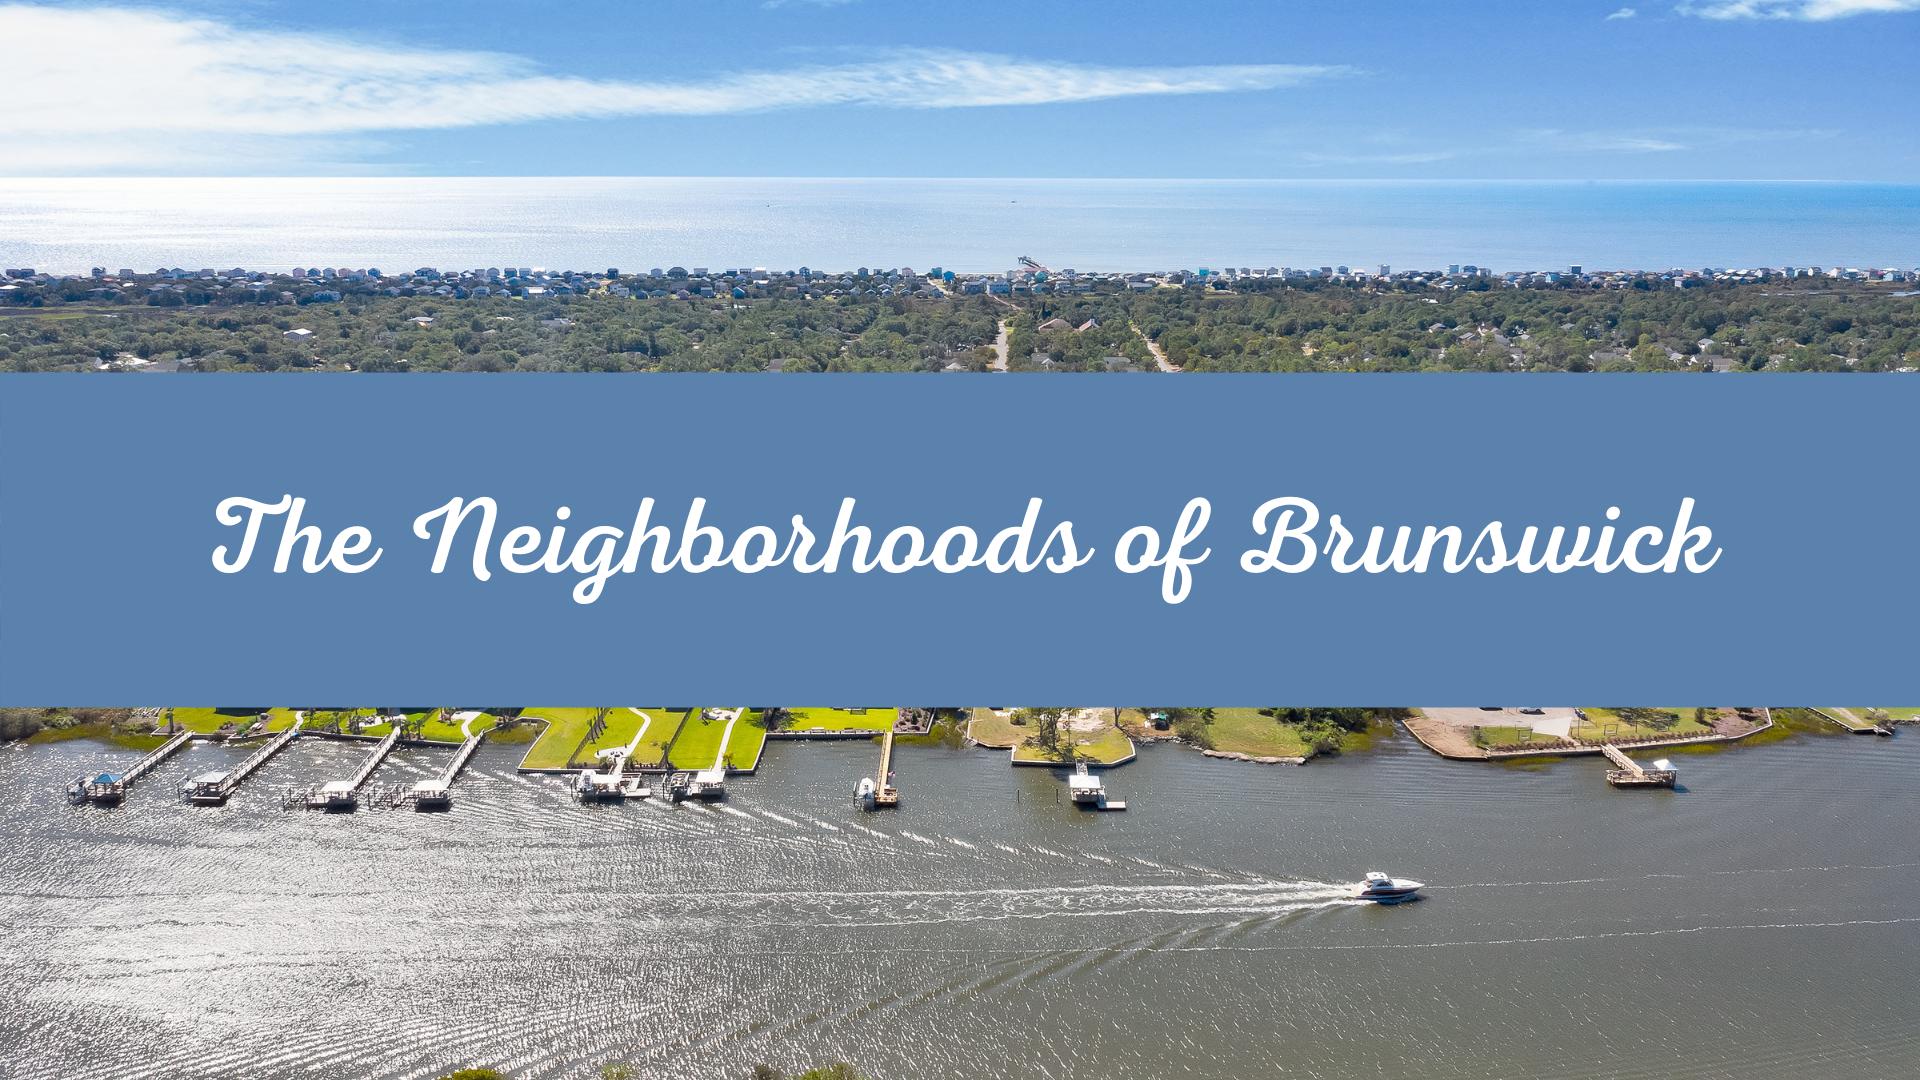 Neighborhoods of Brunswick